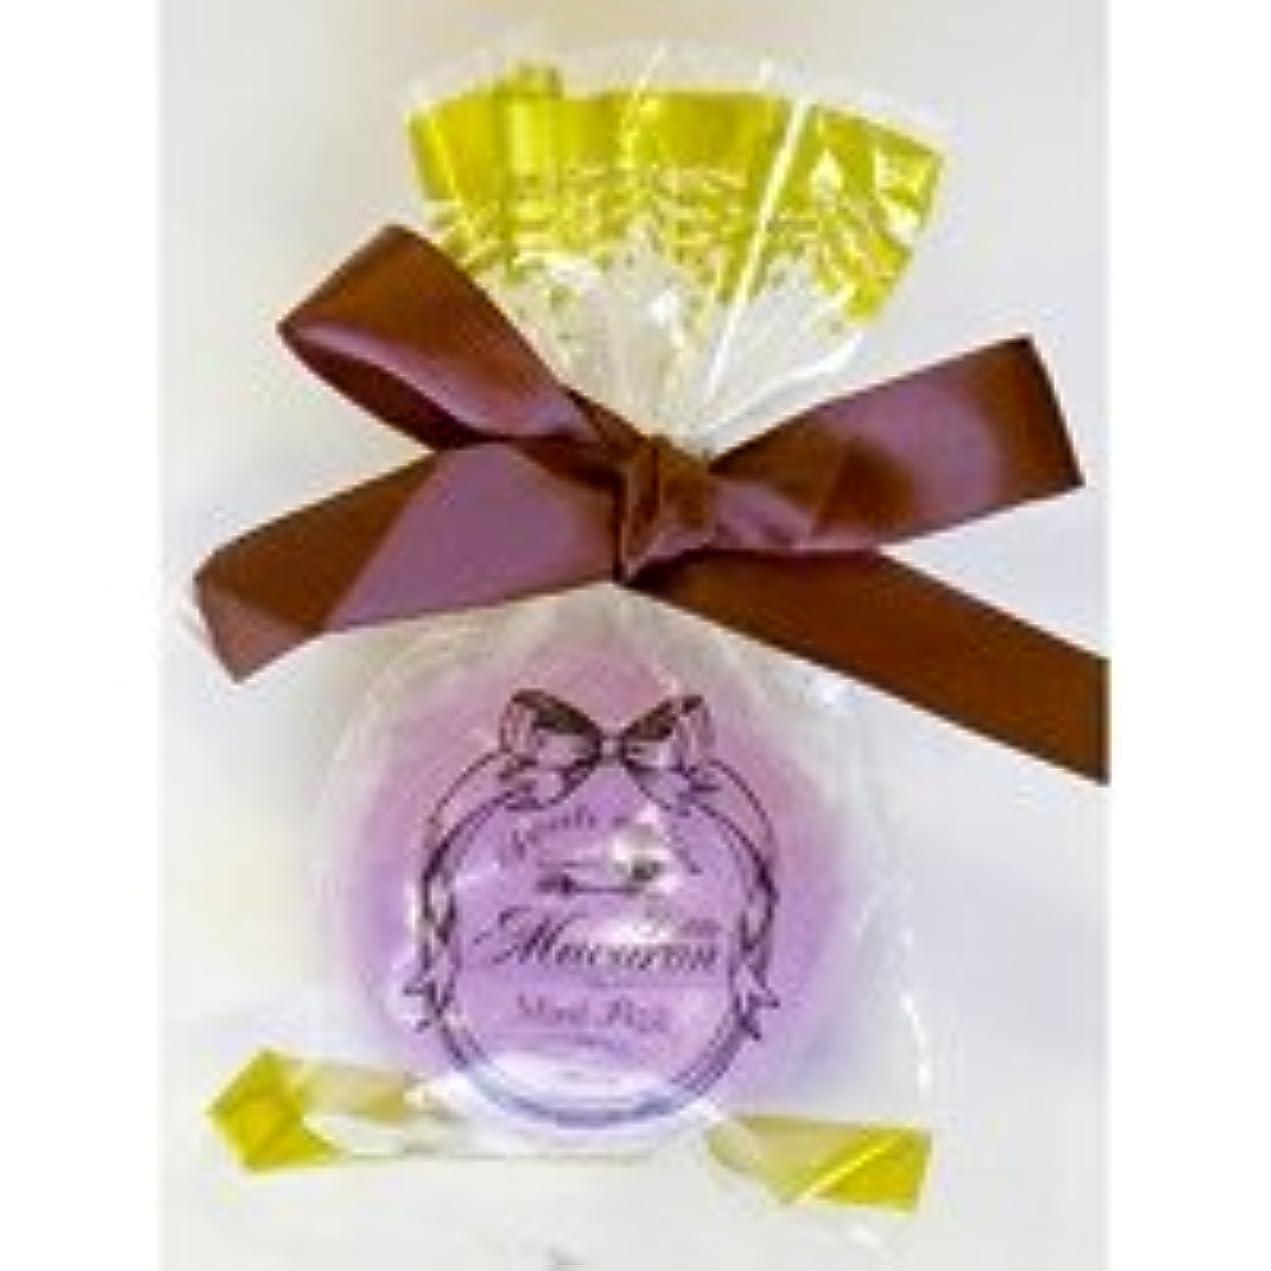 間欠国勢調査魅力的であることへのアピールスウィーツメゾン プチマカロンフィズ「パープル」12個セット フルーティーなザクロの香り